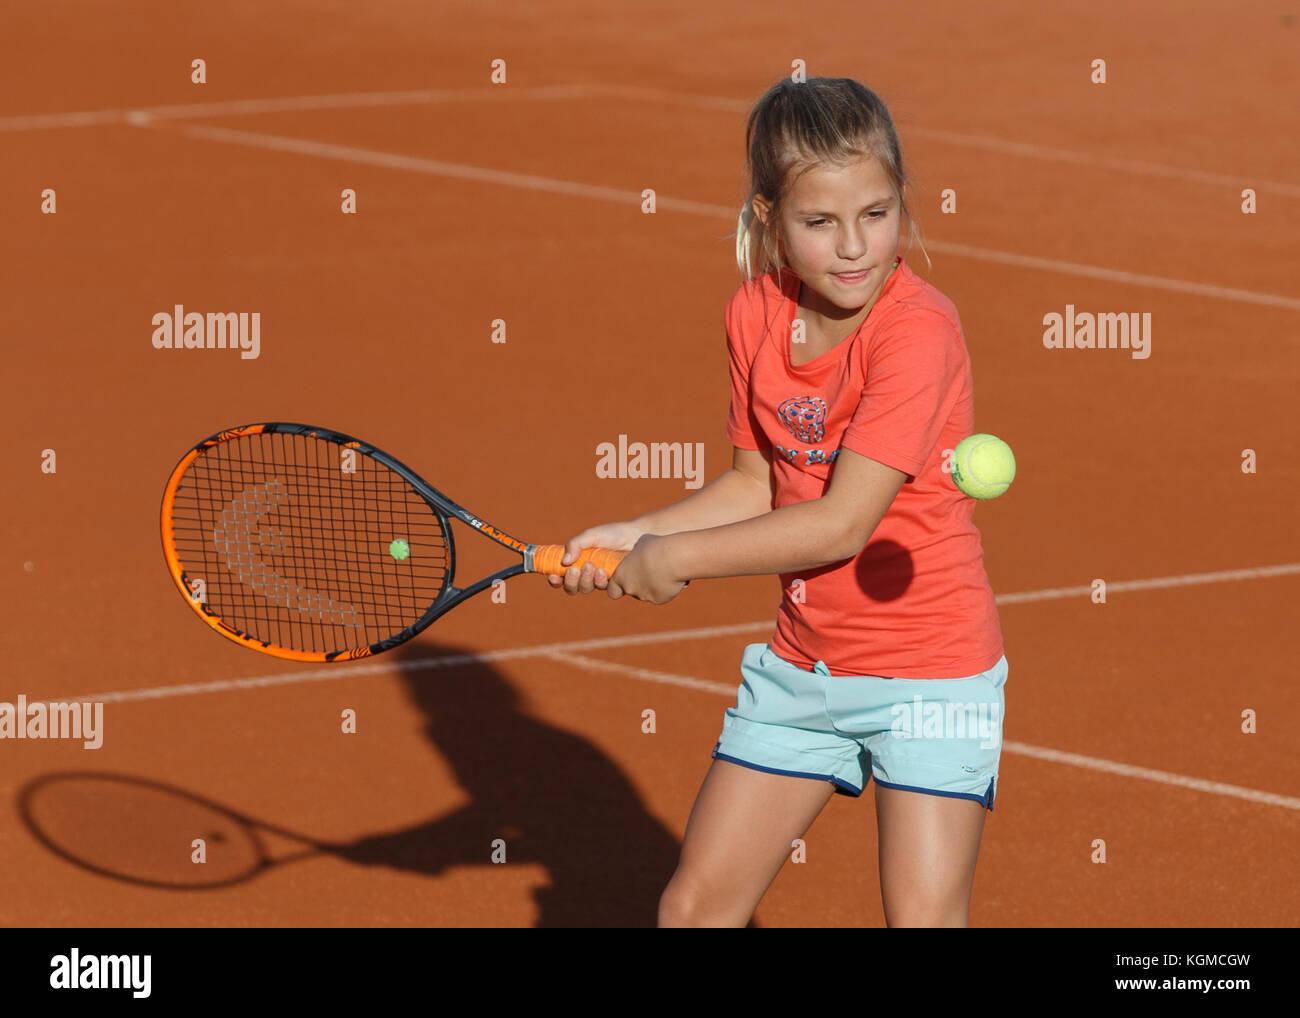 Ragazza giovane (8)0 giocare a tennis Immagini Stock